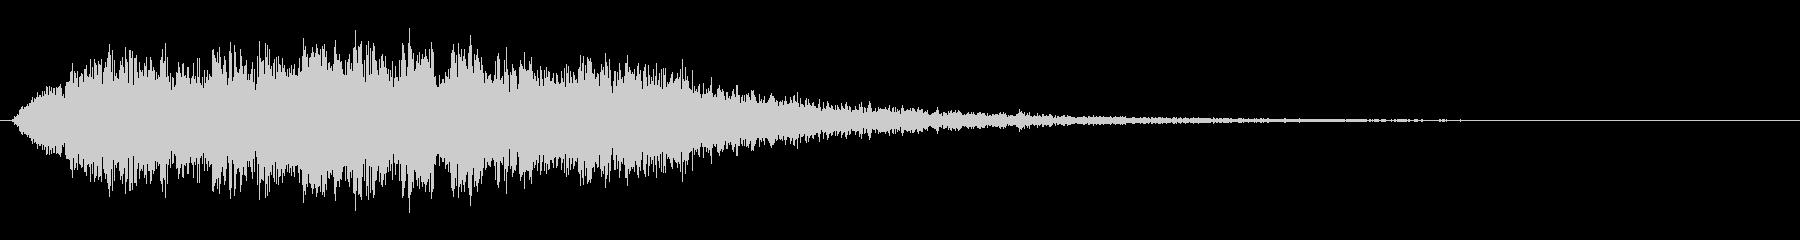 シャララ(綺麗でミラクルな効果音)の未再生の波形